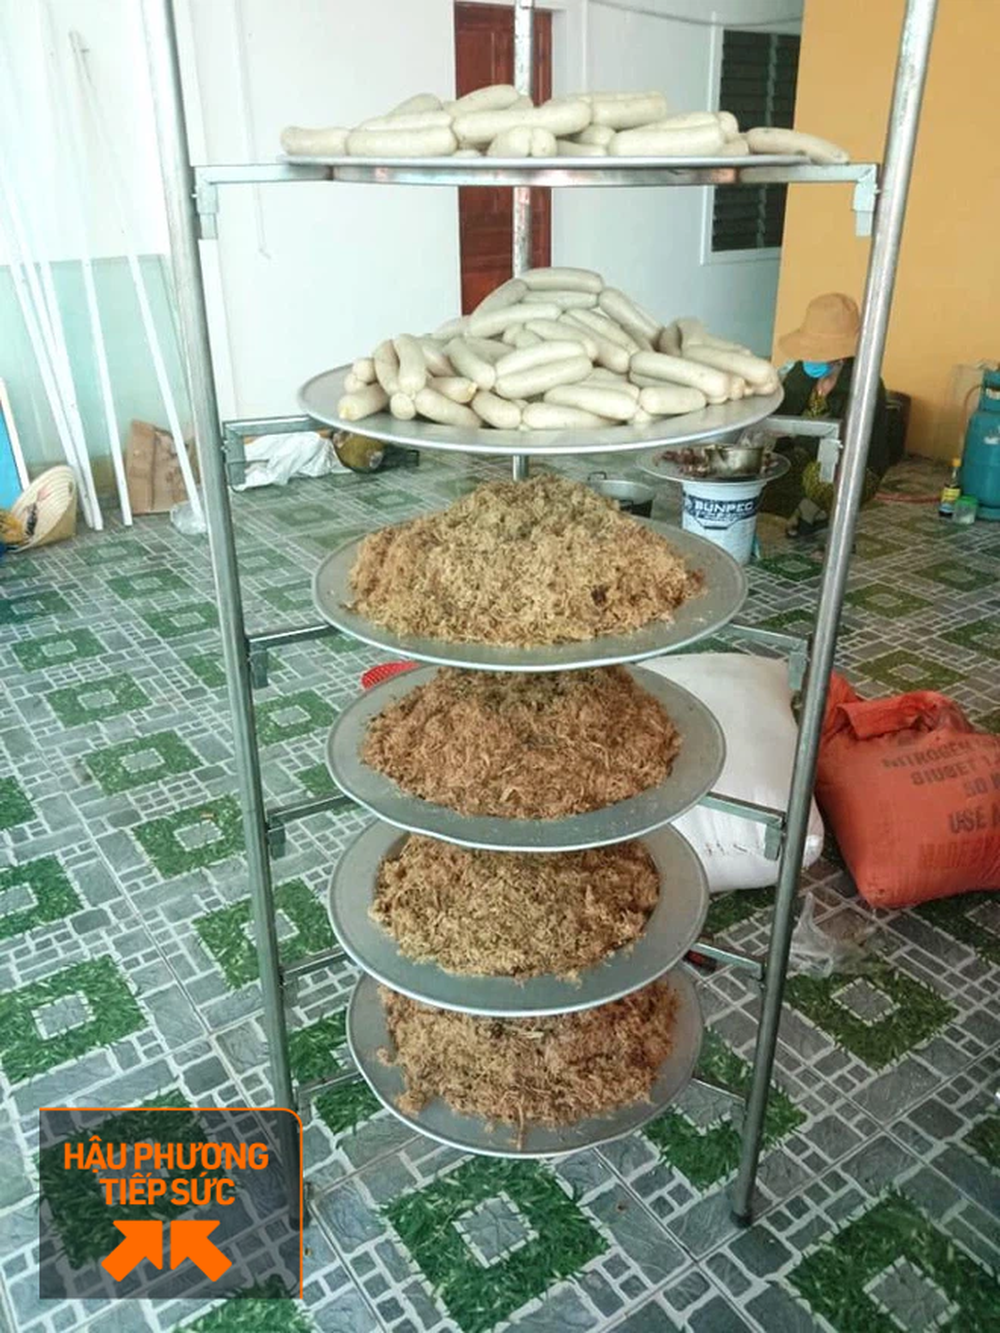 Người dân Nghệ An làm thịt con lợn 260kg chế biến ruốc bông, xúc xích tiếp tế cho điểm nóng Covid-19 Bắc Giang - Ảnh 5.